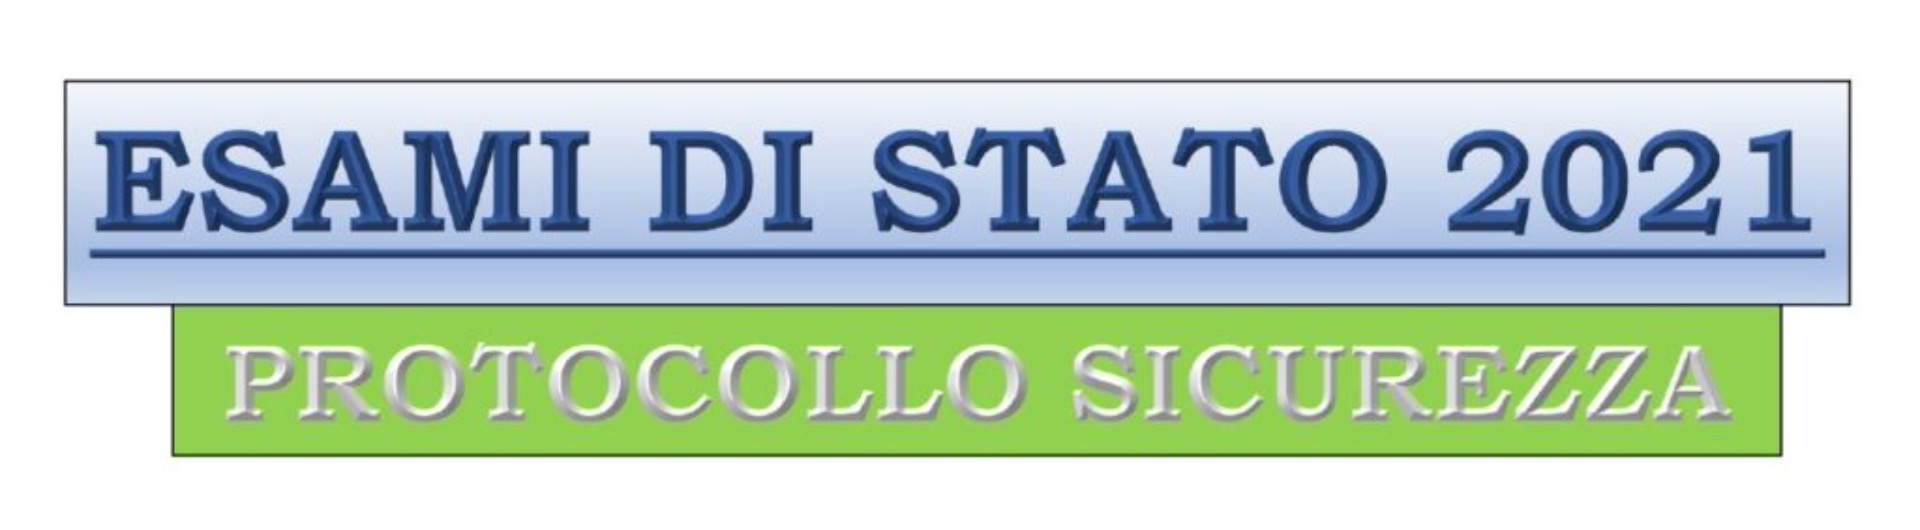 ESAME DI STATO I CICLO DI ISTRUZIONE